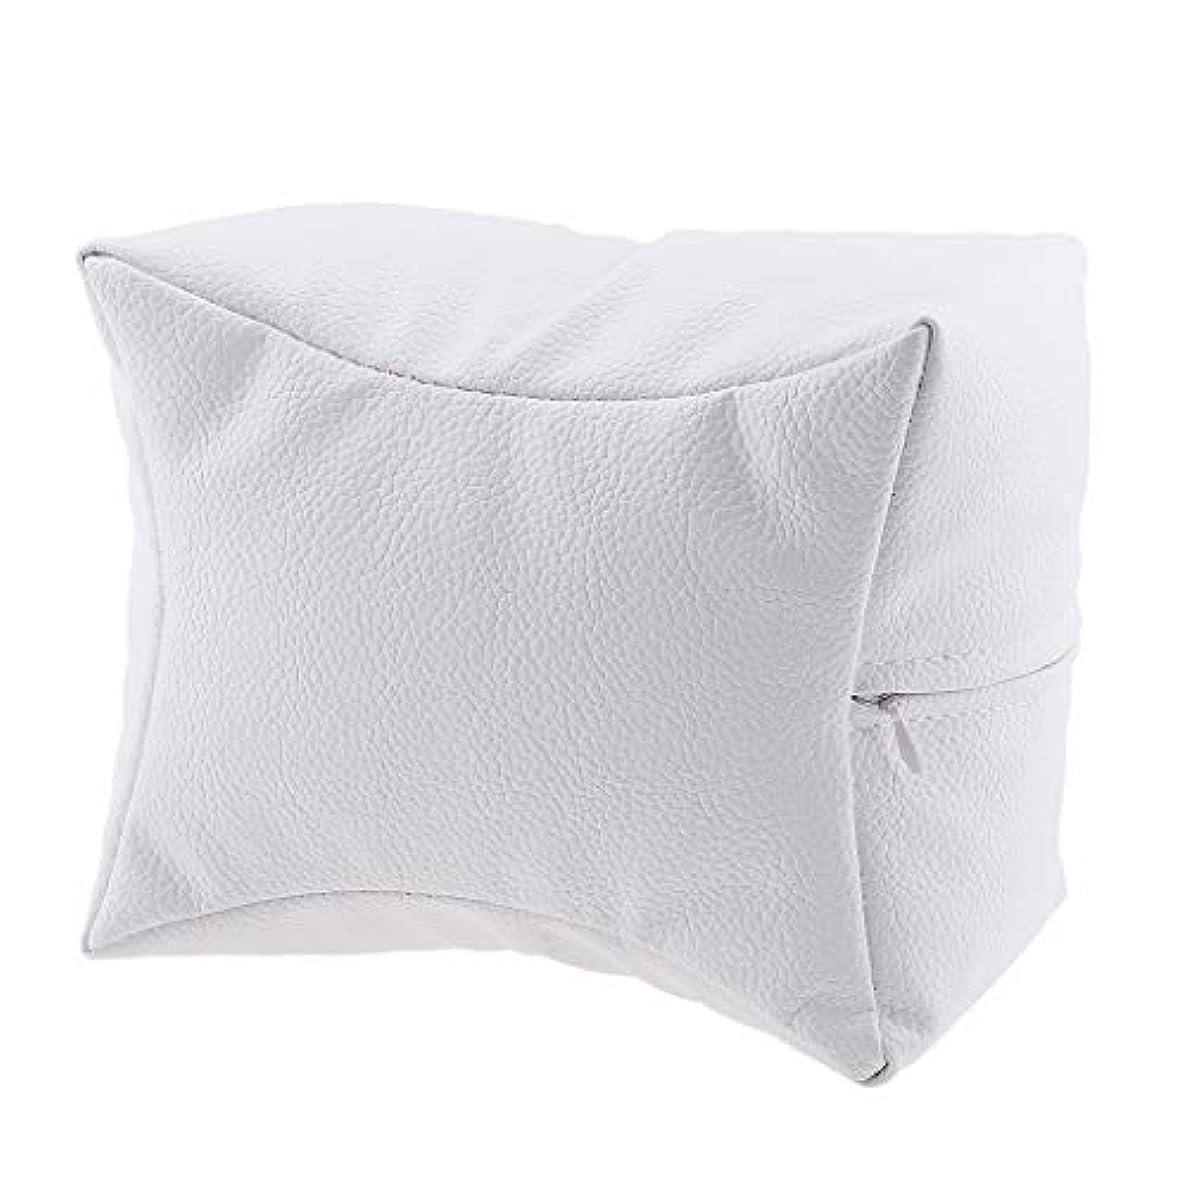 編集するリズム規則性ネイルハンドピロー プロ ネイルサロン 手枕 レストピロー ネイルケア 4色選べ - 白